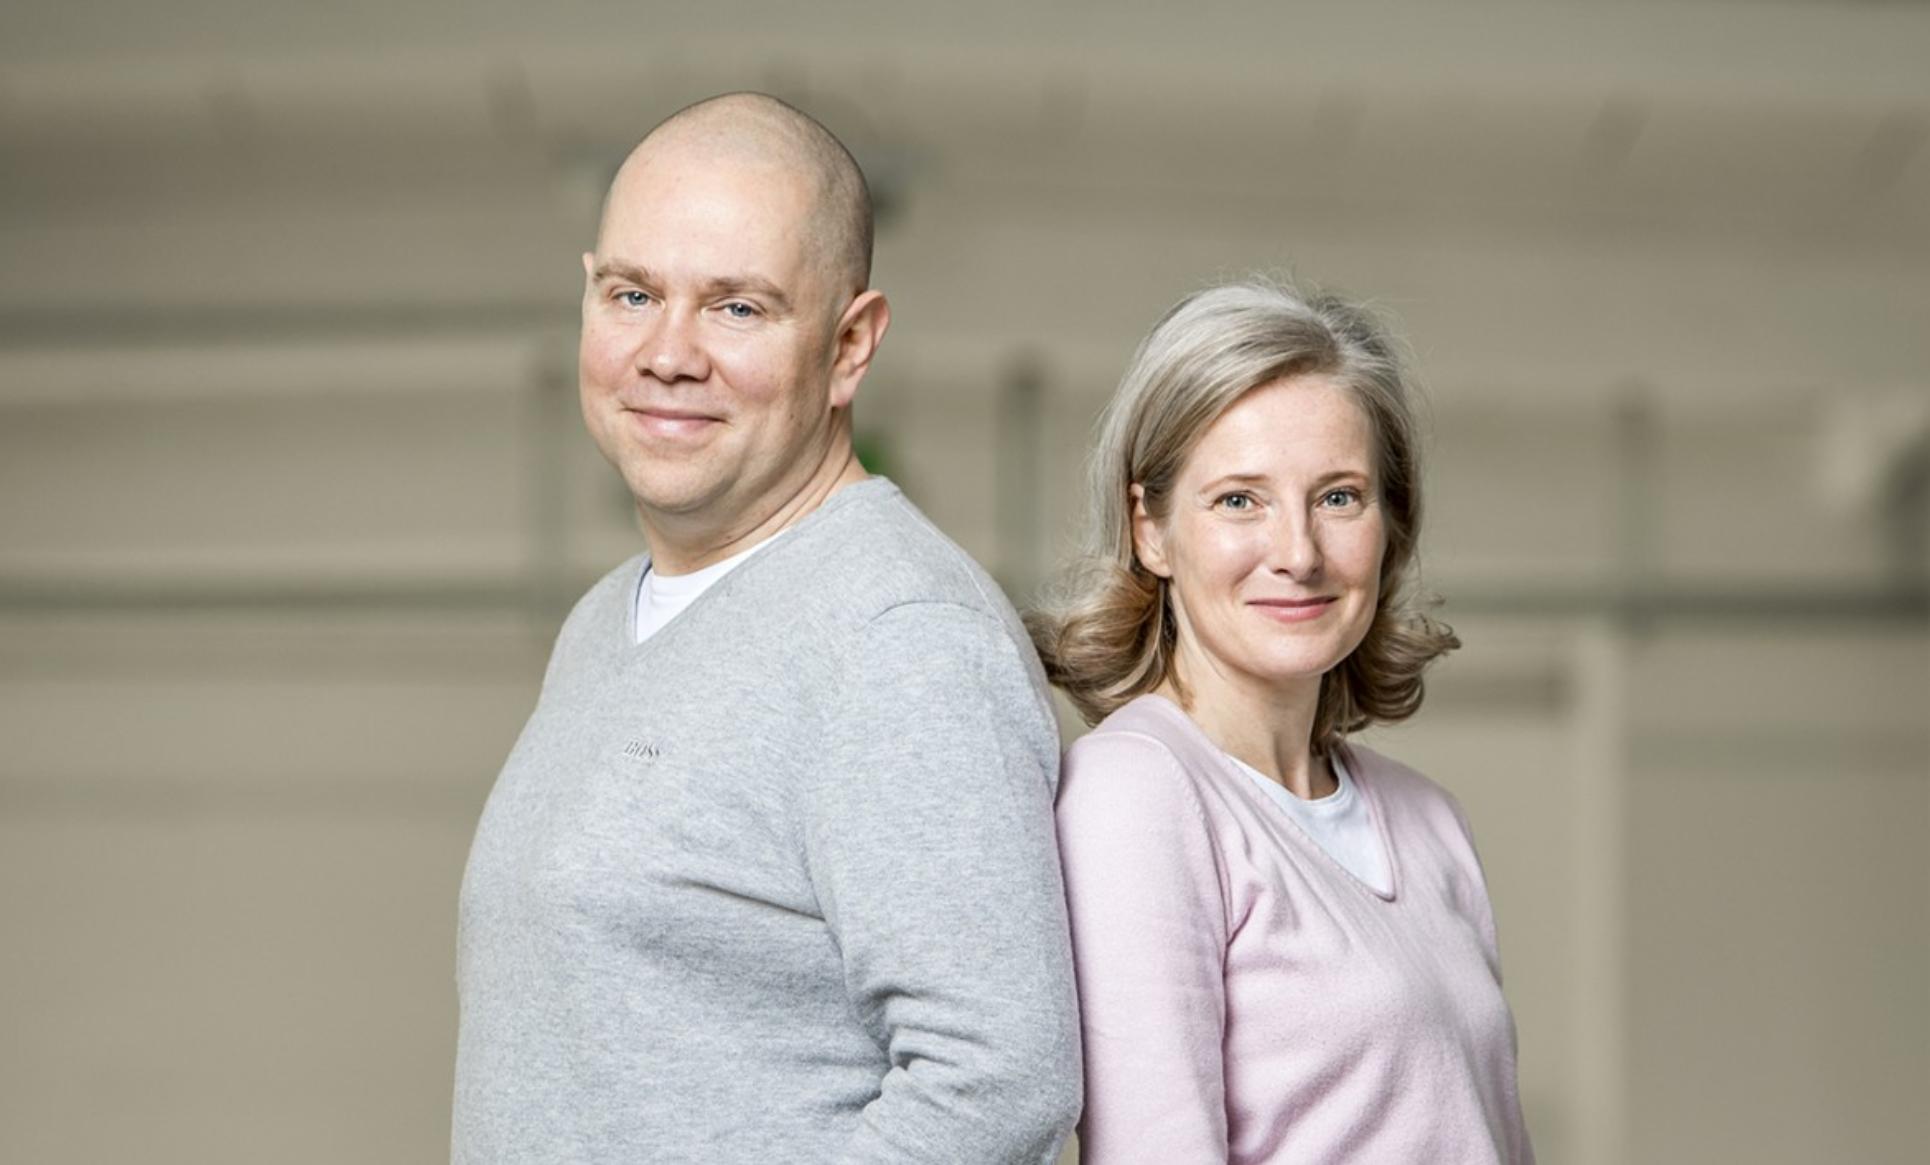 Birgit Leisten & Christoph Heumann - Psychotherapie & Paartherapie, Lutherstraße 57 in Hannover